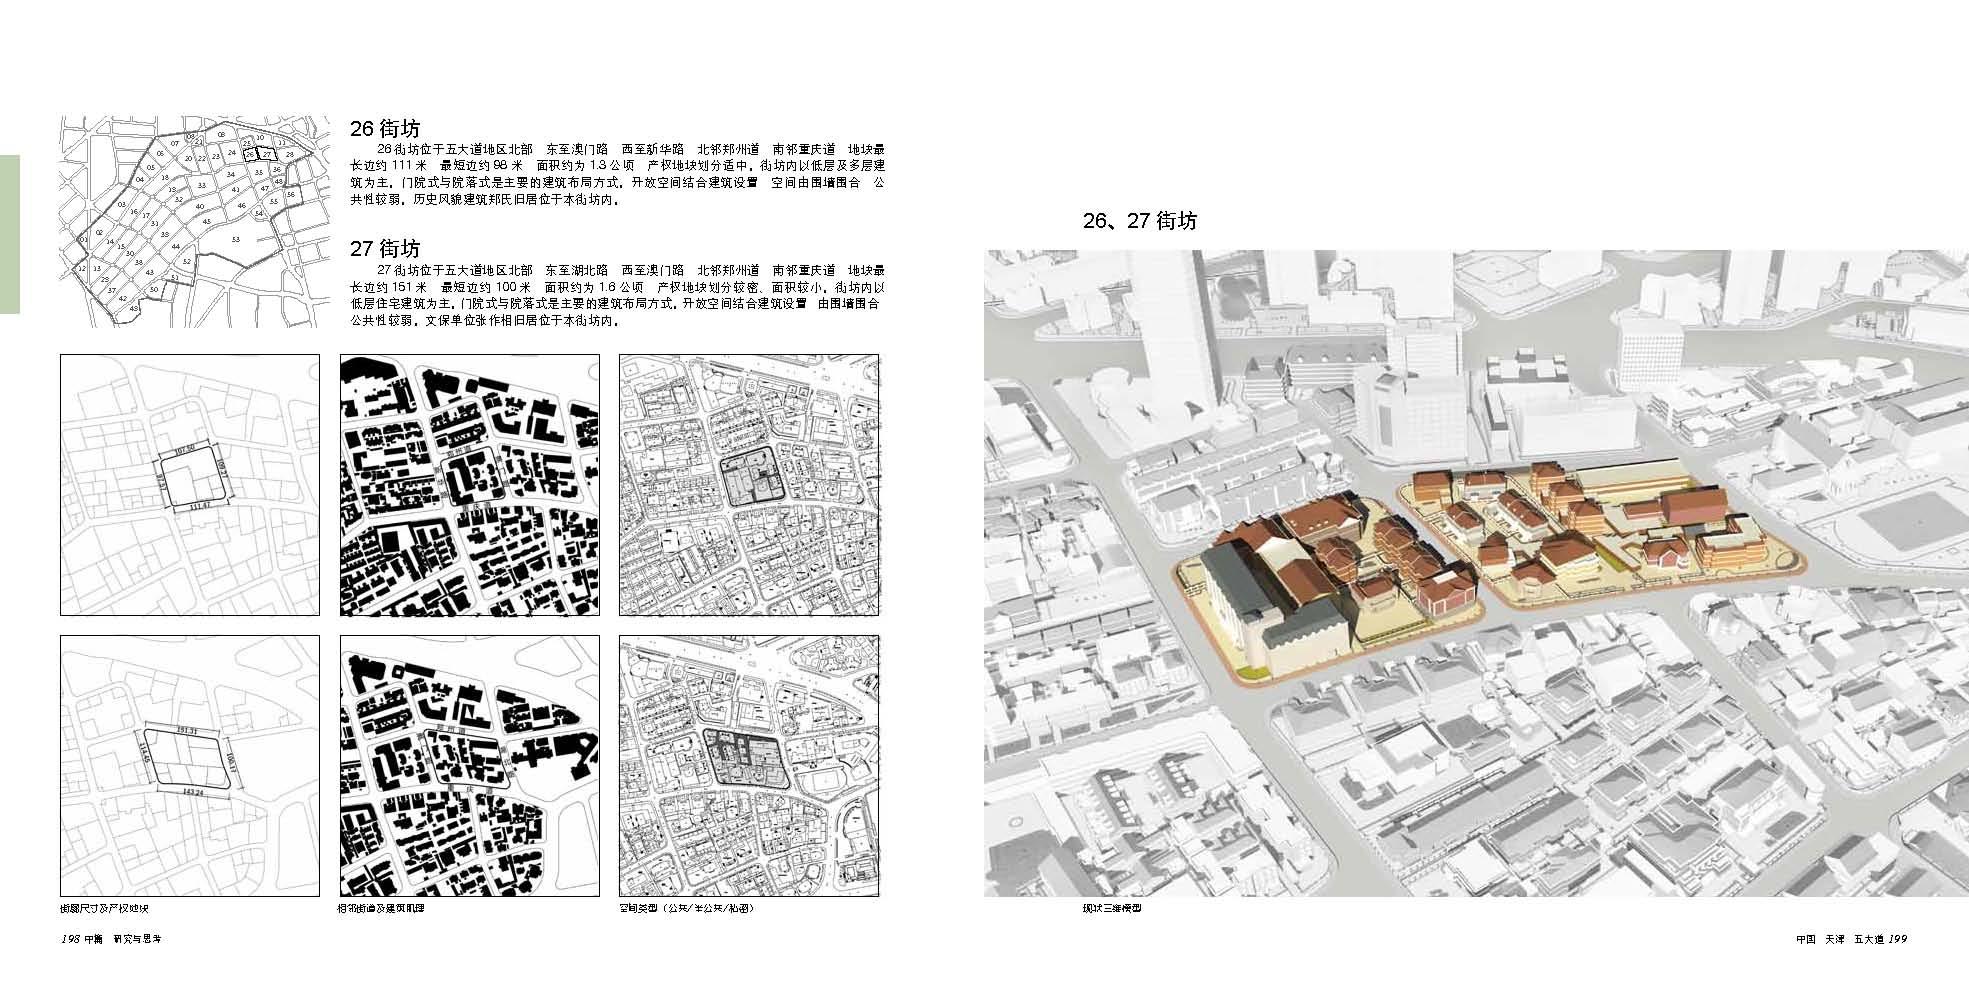 引言 上篇 追溯历史 第1 章 天津的历史城区及其生活品质 1.1 传统天津的一城一市,城里城外的市井生活 1.2 沿河发展的九国租界,耻辱的开放改变了城市 1.3 洋为中用的河北新区,租界之外的城市建设 1.4 环形扩展与海河复兴,对生活品质的更高追求 第2 章 五大道的形成及百年历程 2.